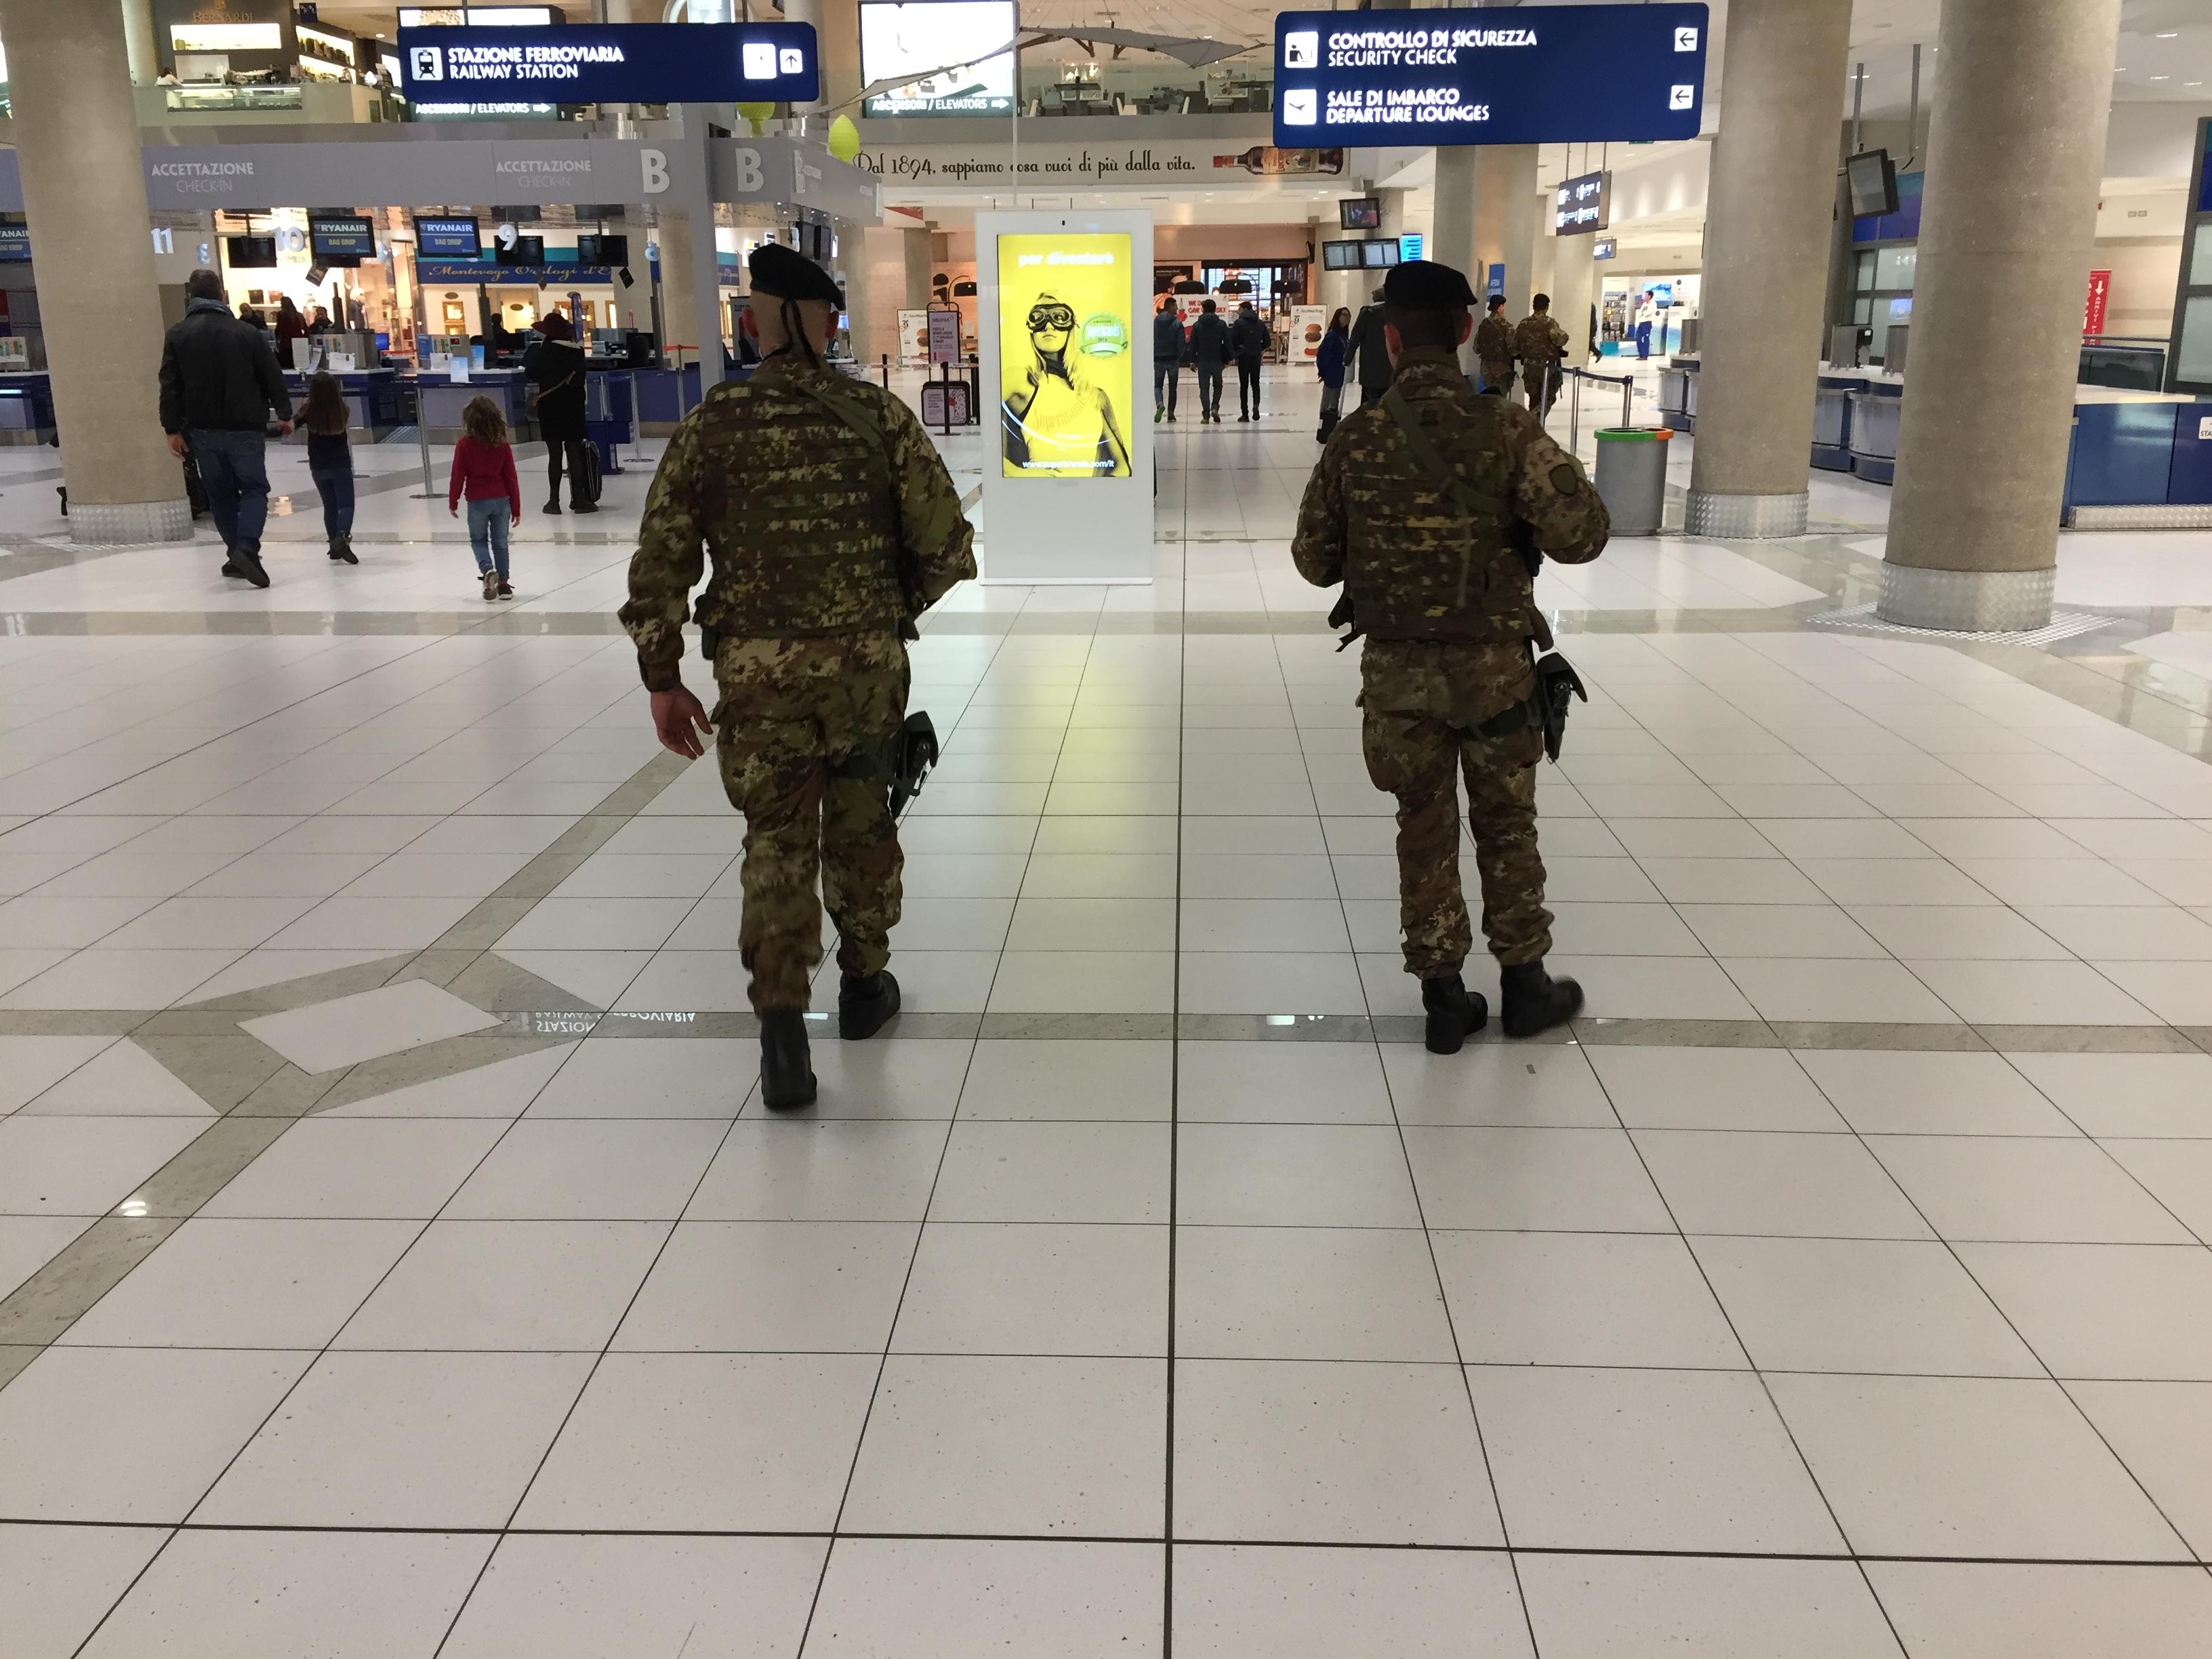 Foto 1 Vigilanza all'interno dell'aeroporto di Bari Palese